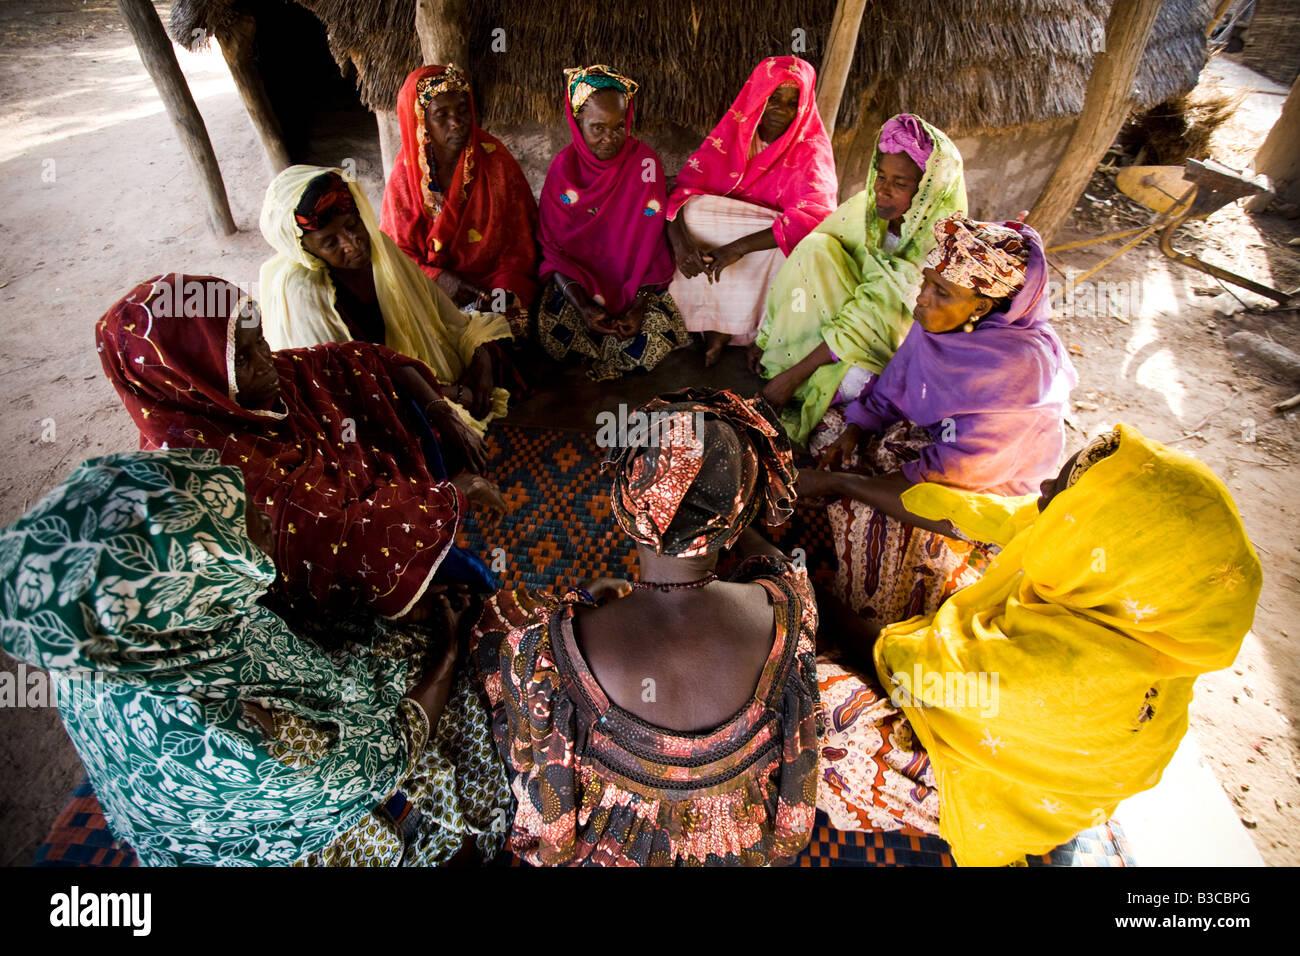 Un gruppo di donne si riuniscono per discutere nel villaggio di Darou Hidjeratou, Senegal Immagini Stock